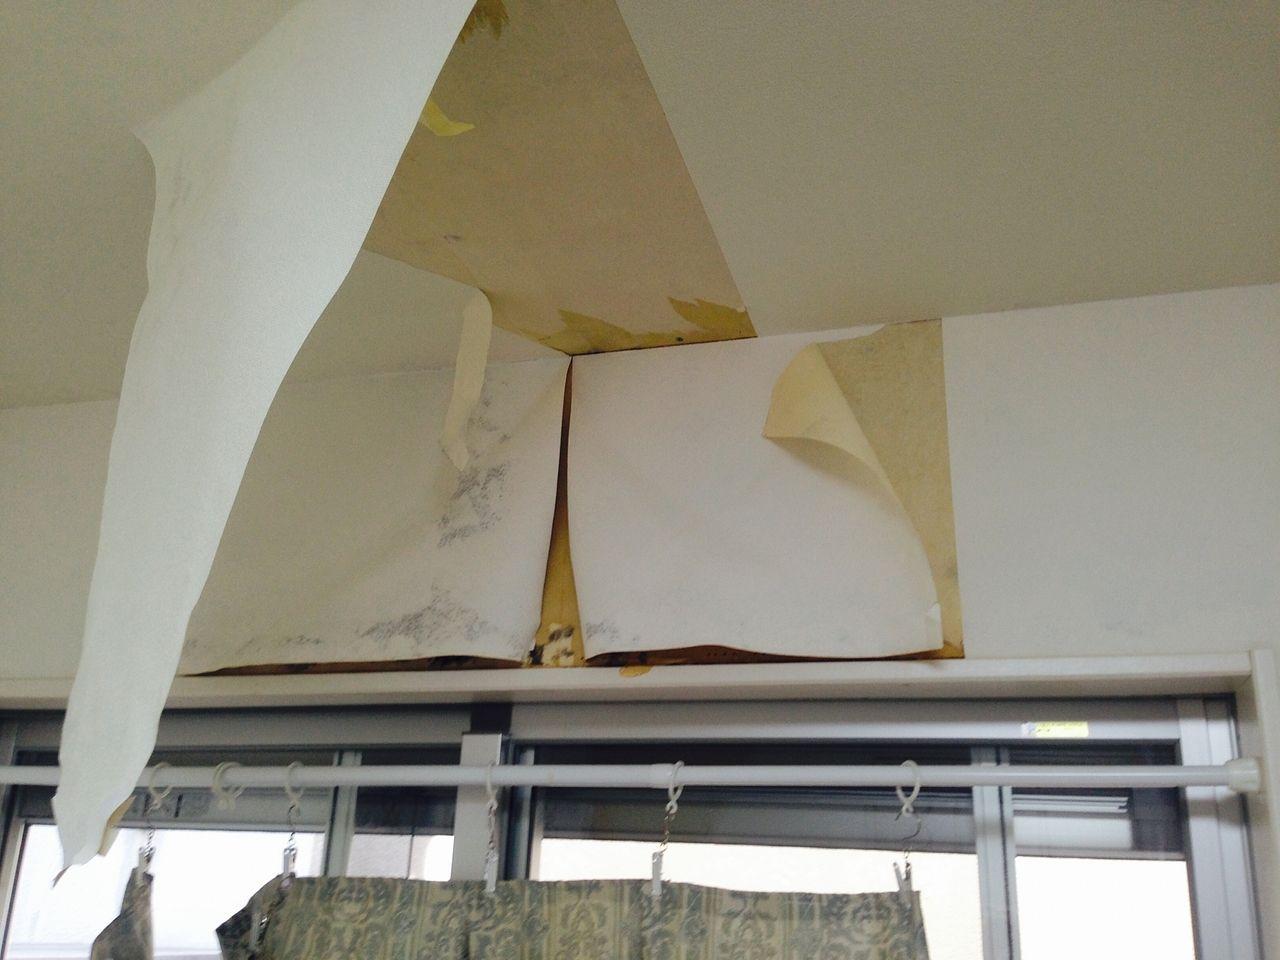 天井からの水漏れの様子